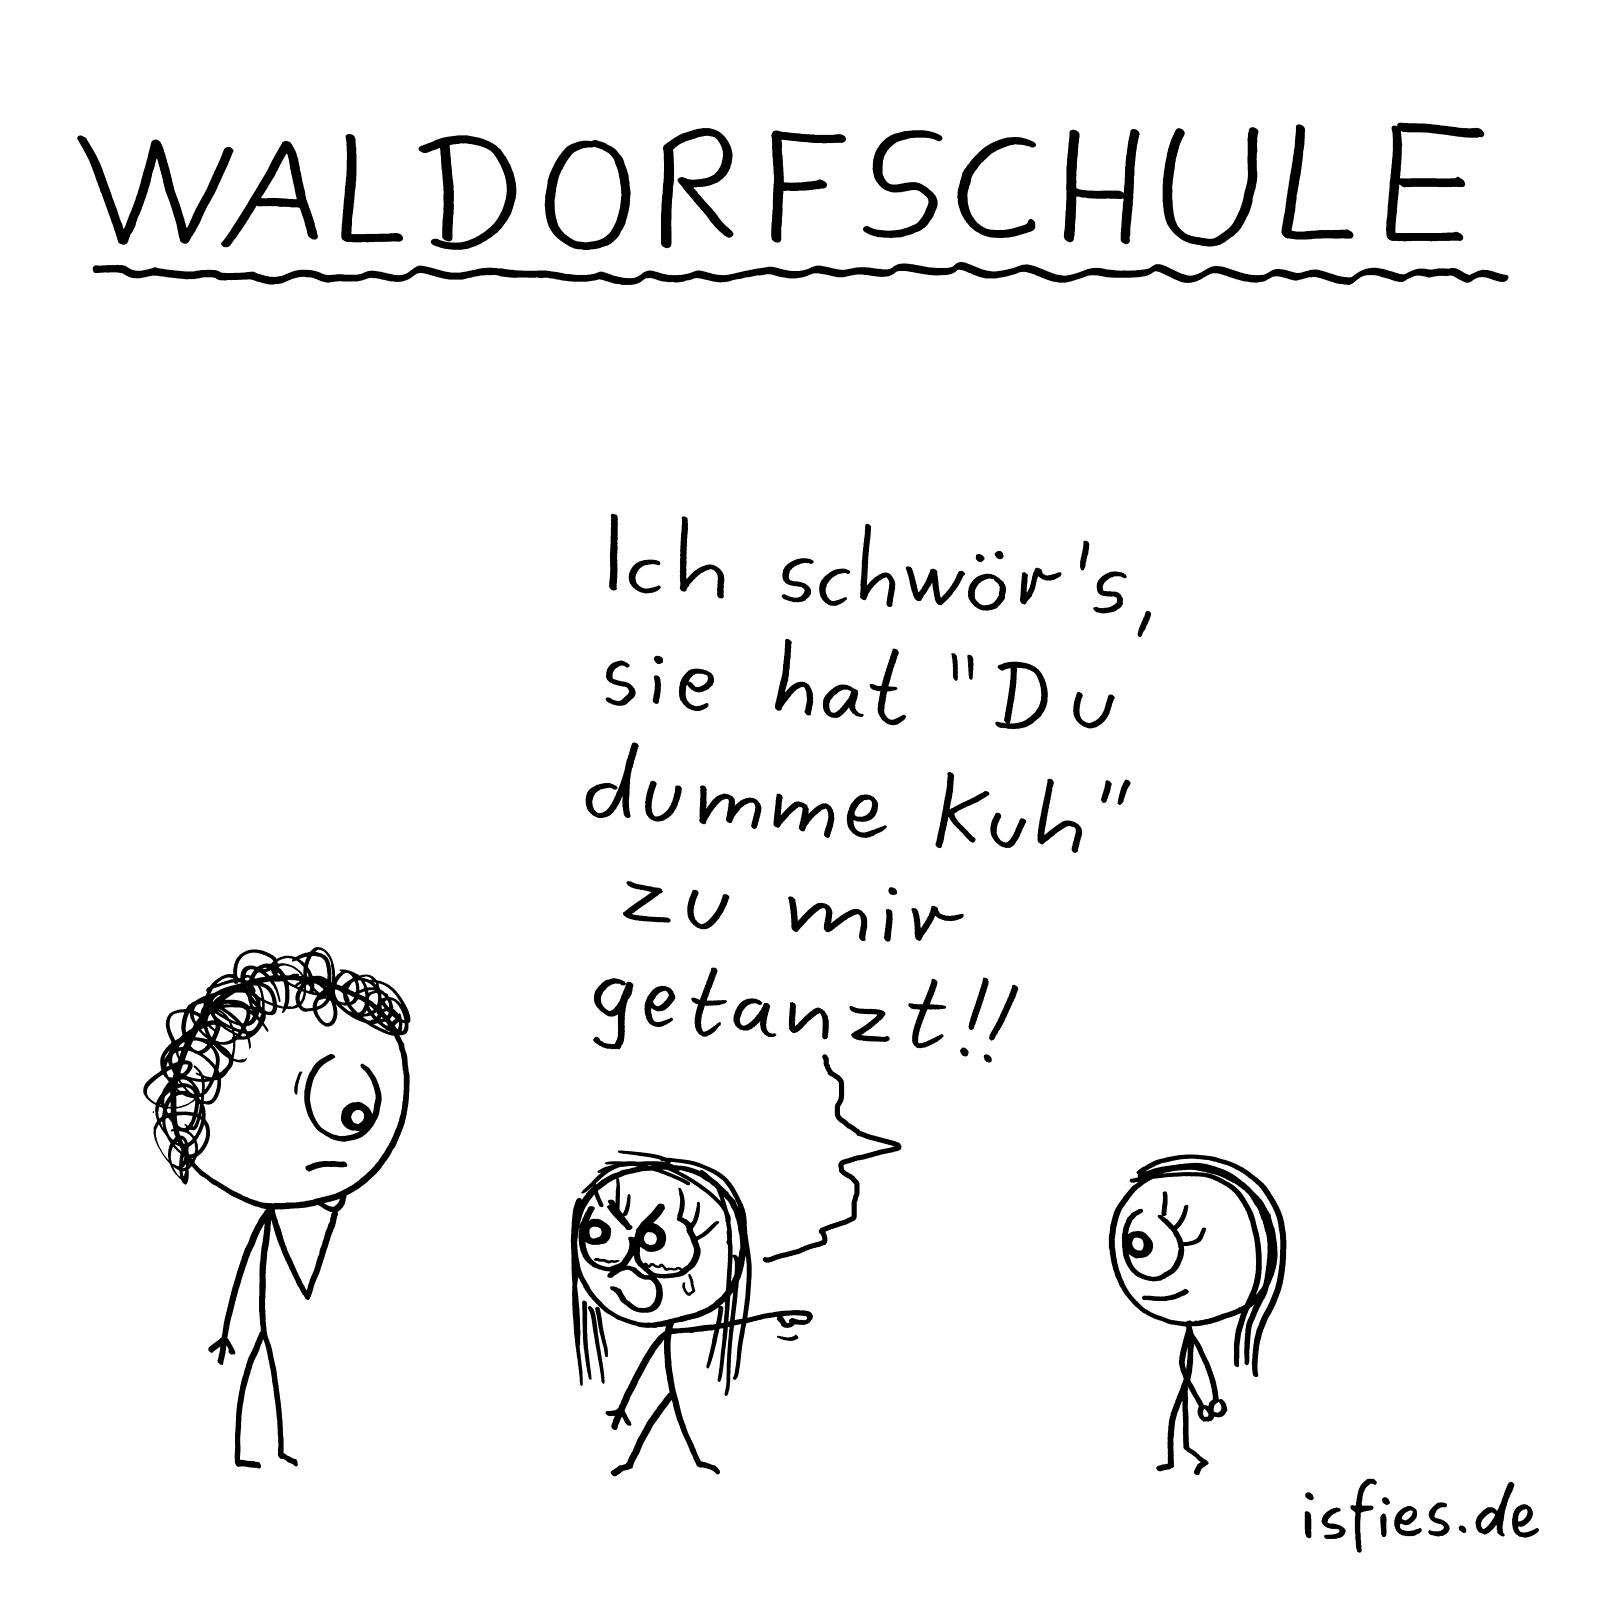 Witze Waldorfschule